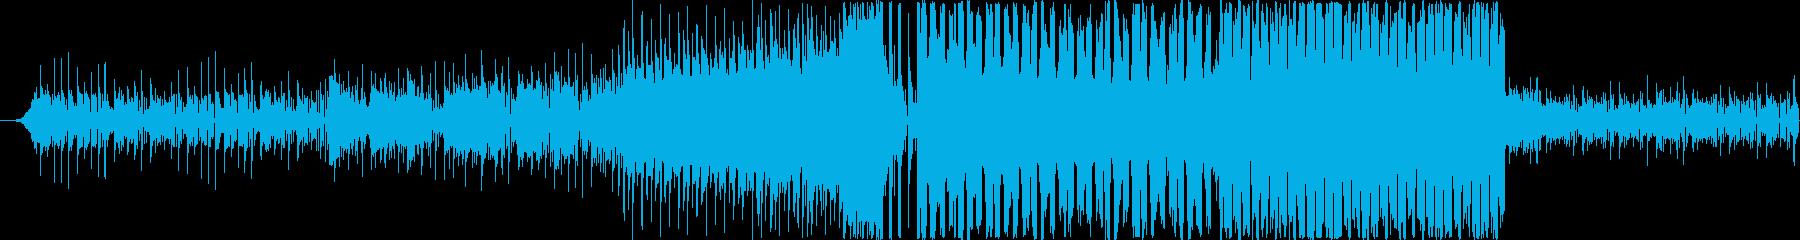 カワイイフューチャーベース風シリーズの3の再生済みの波形